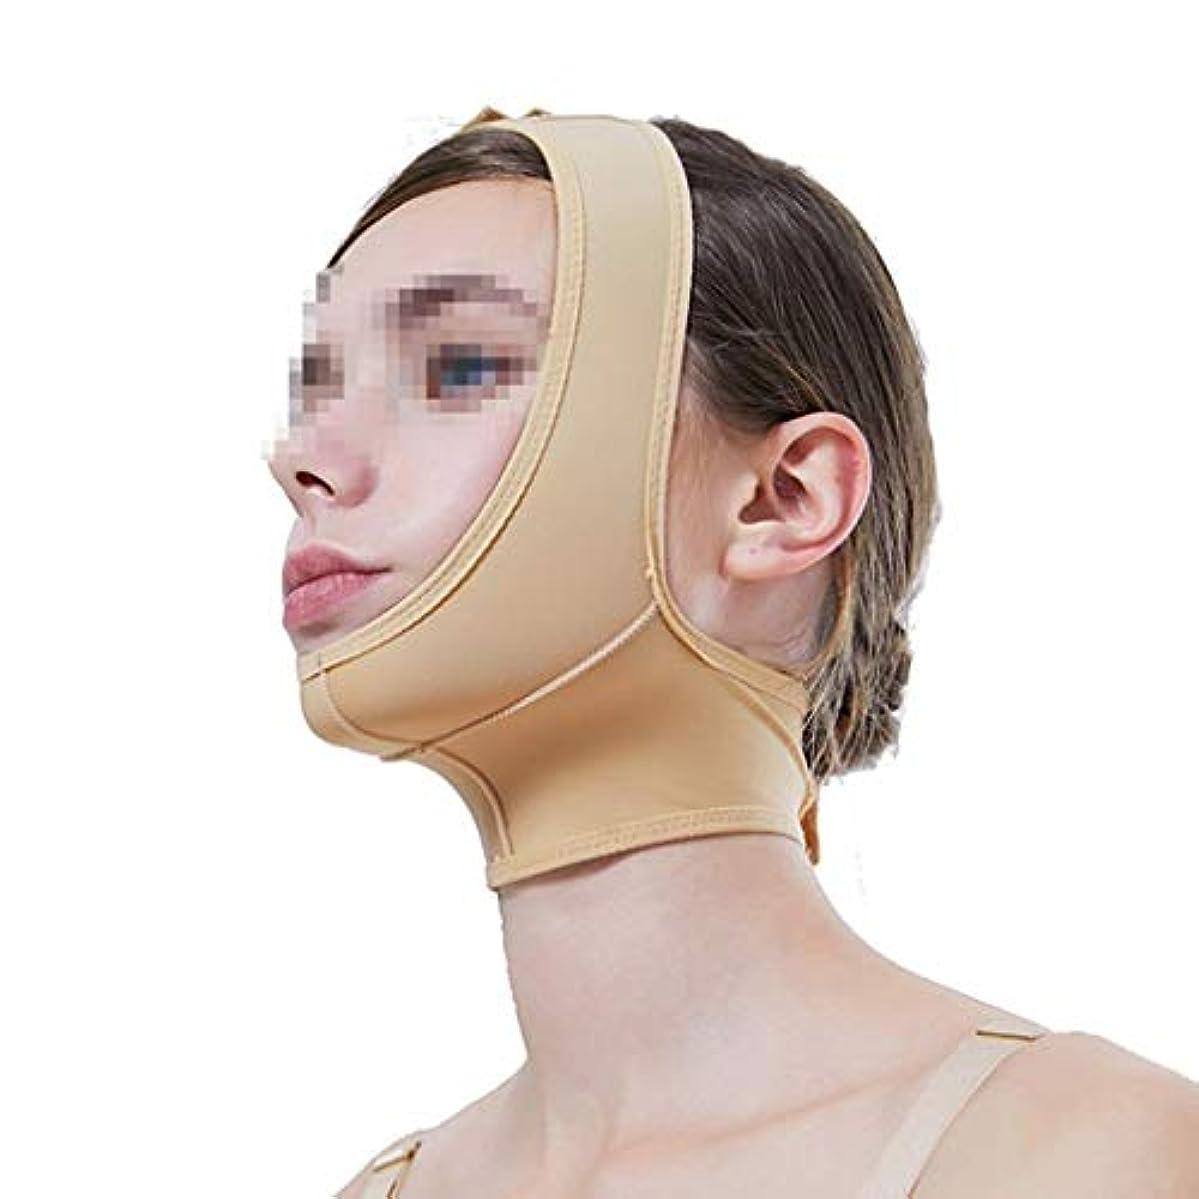 子供っぽい適性推論弾性の薄いフェイスフード、下顎スリーブ術後の弾性スリーブのフェイスVフェイスマスク付きの薄いダブルチンビーストバーマルチサイズオプション(サイズ:M)